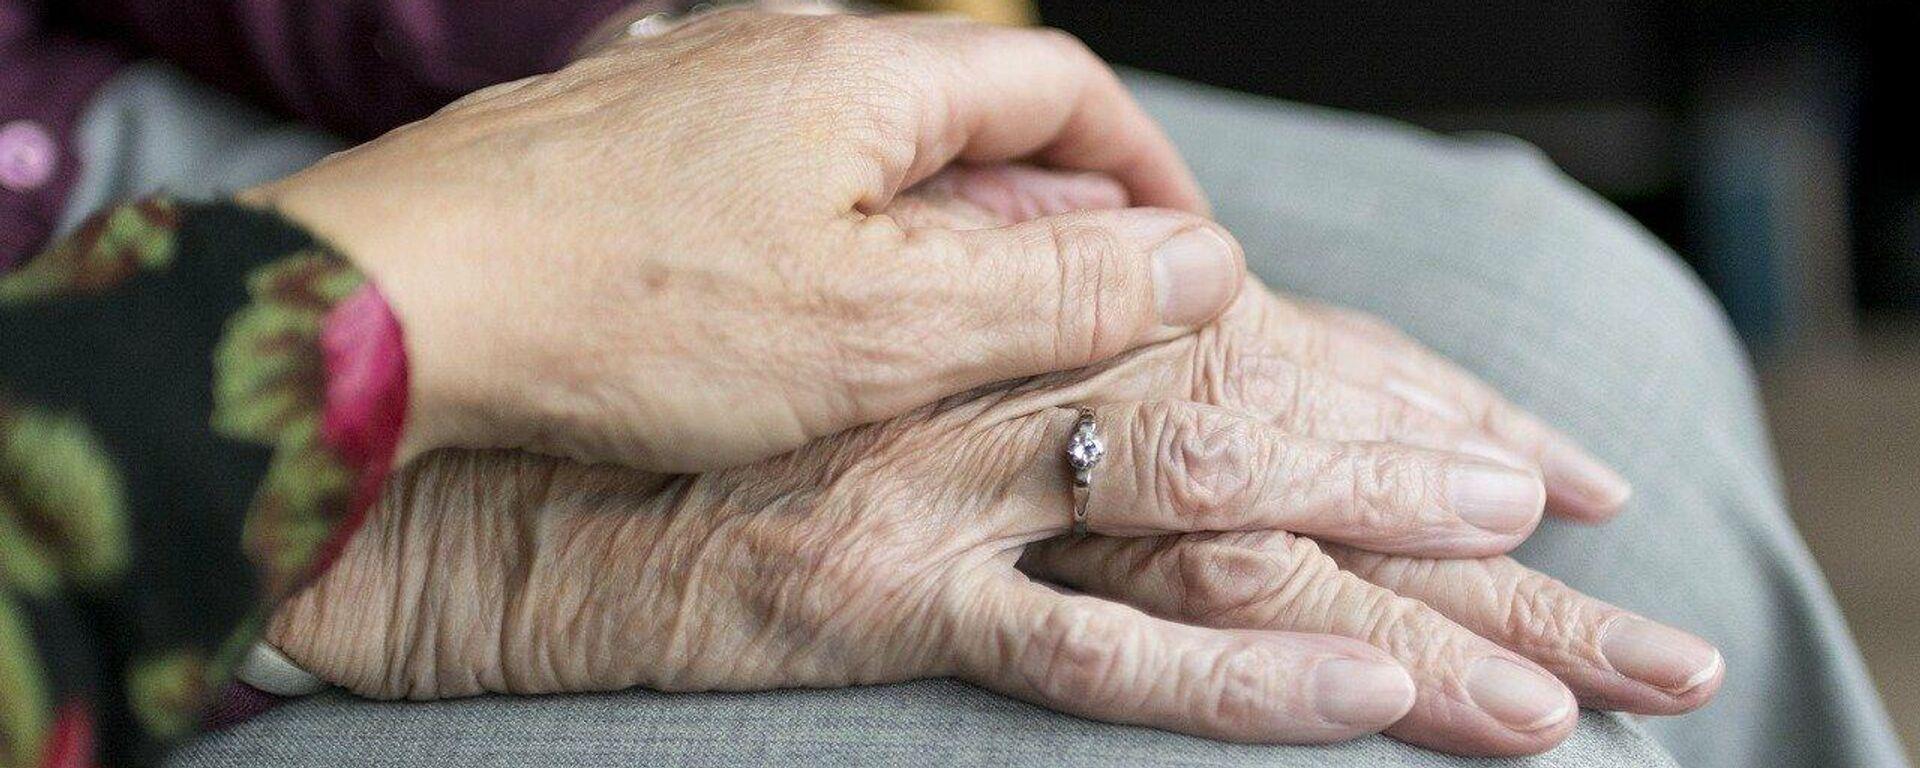 Hände einer alten Dame (Symbolbild) - SNA, 1920, 16.03.2021